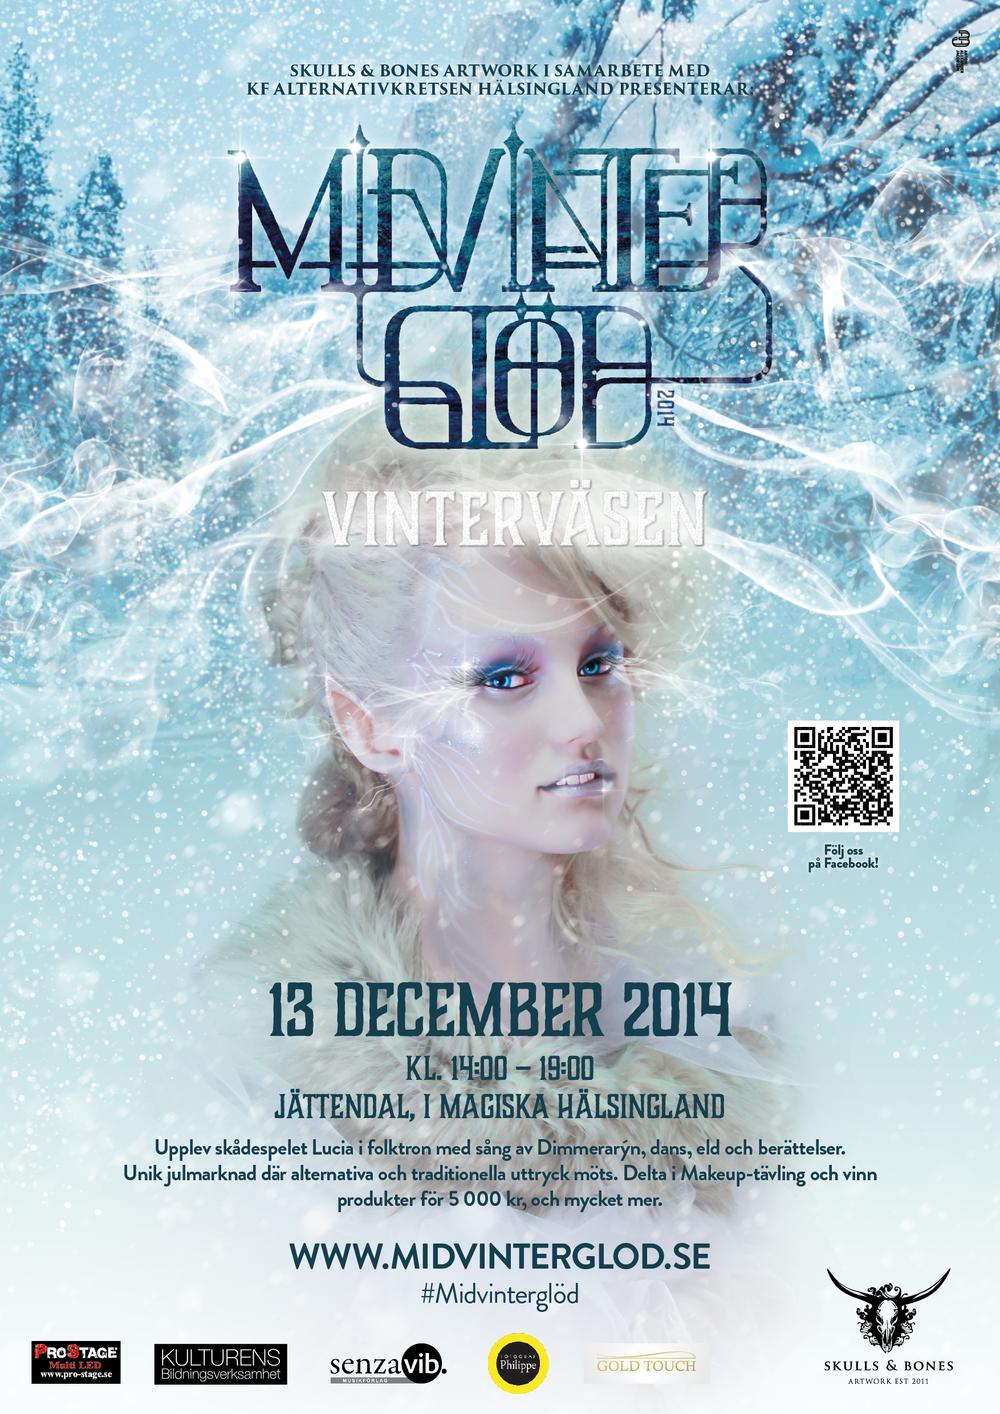 Midvinterglöd 2014 - Vinterväsen. 13 December 2014 i Jättendal Poster av Anton Alexander Jacobson.